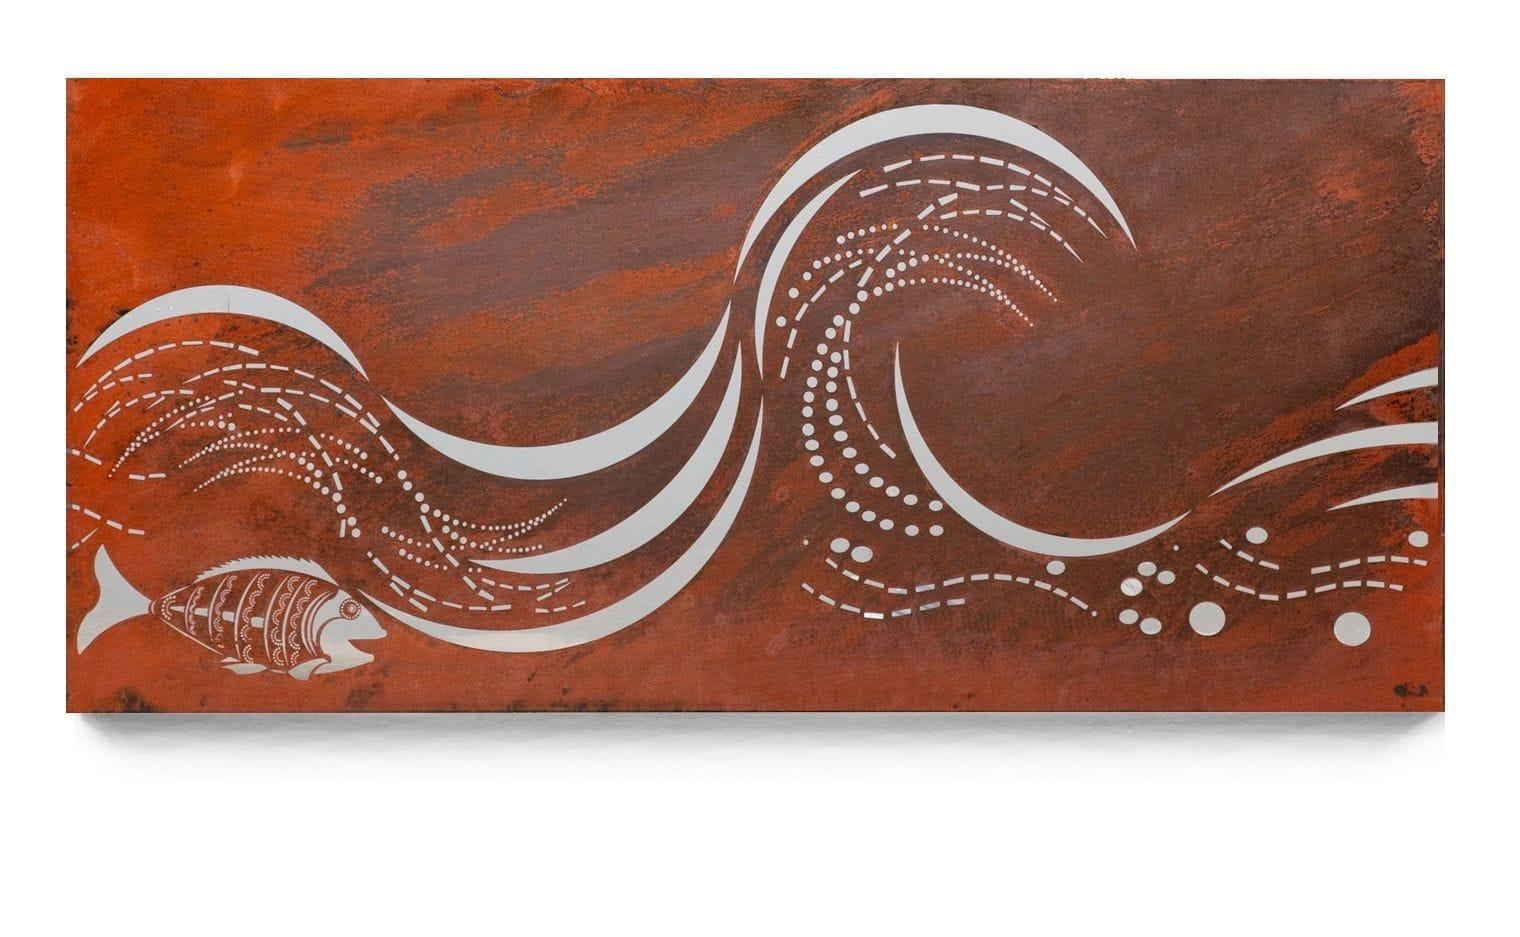 Surf Wave #4